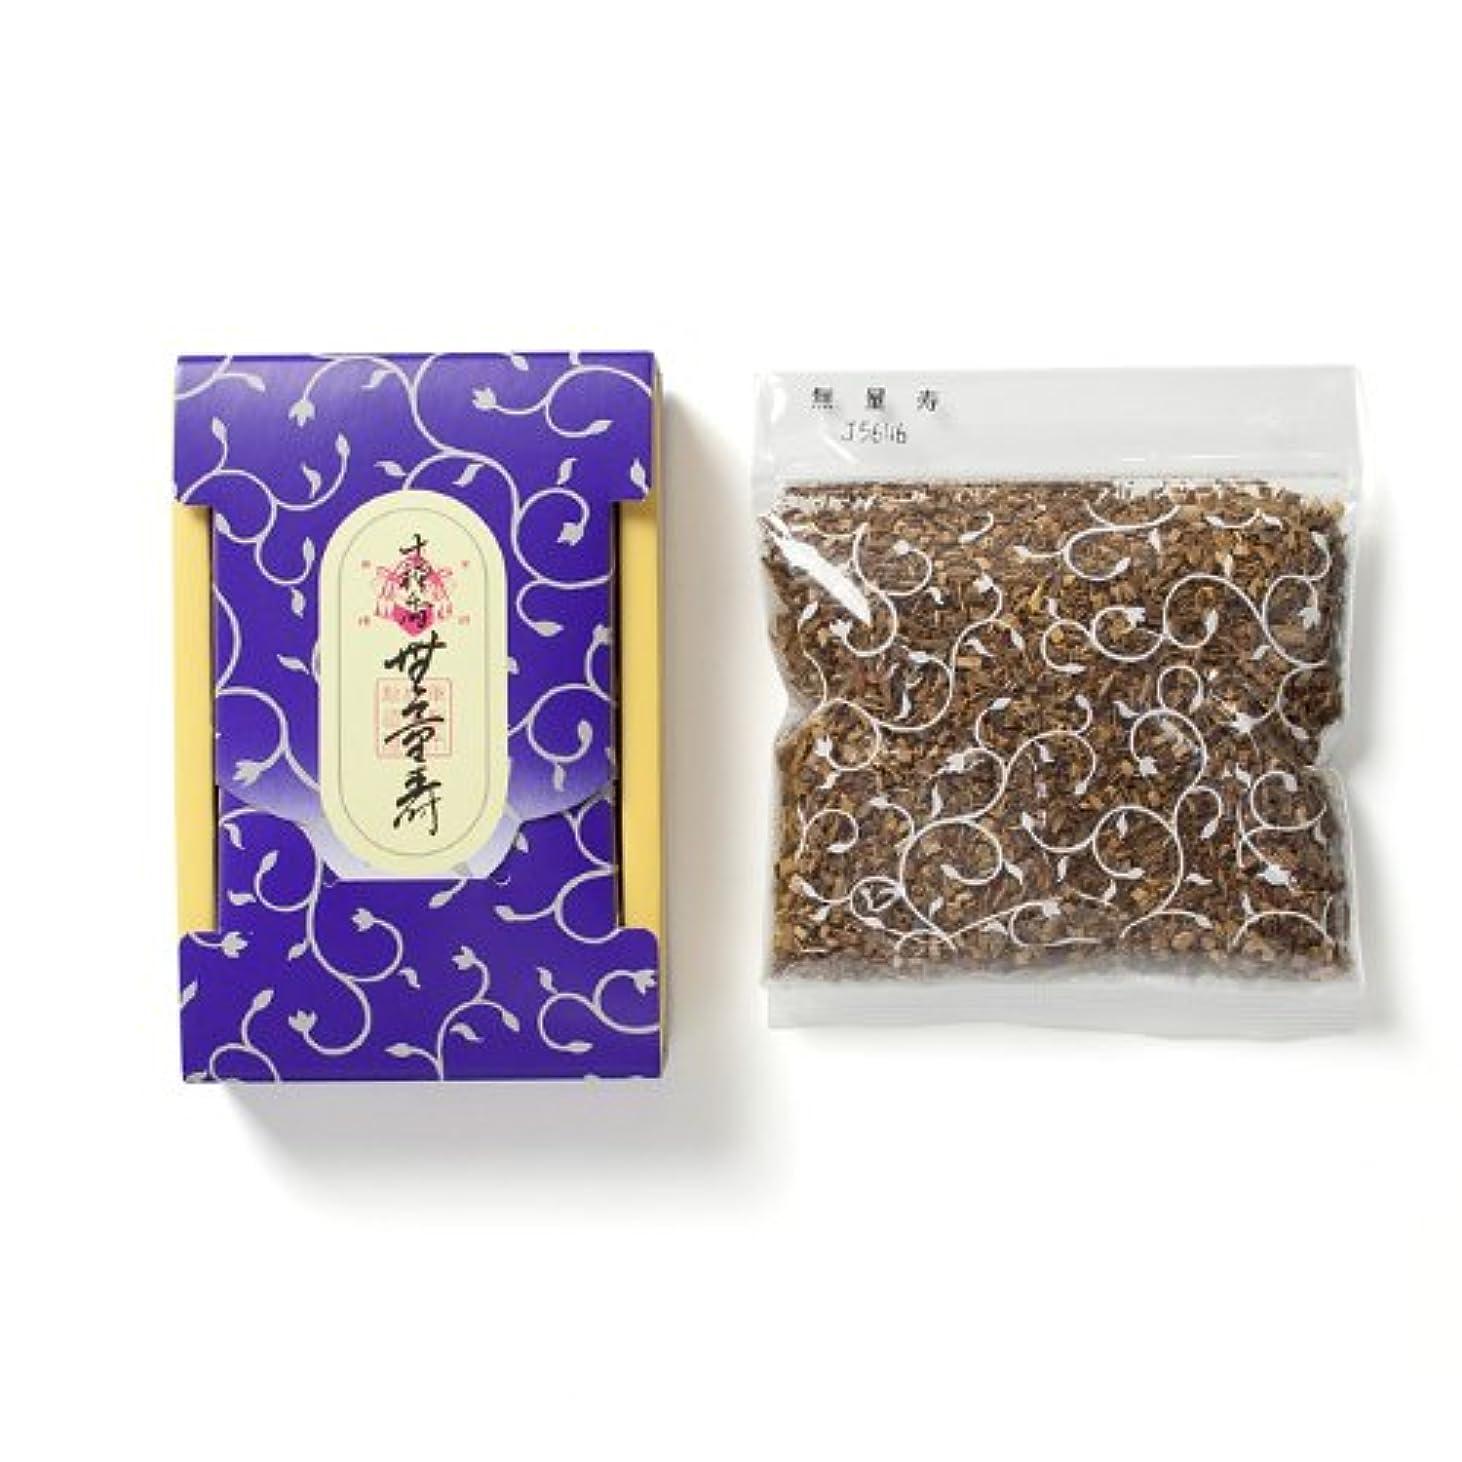 相互論理的にひねくれた松栄堂のお焼香 十種香 無量寿 25g詰 小箱入 #410841